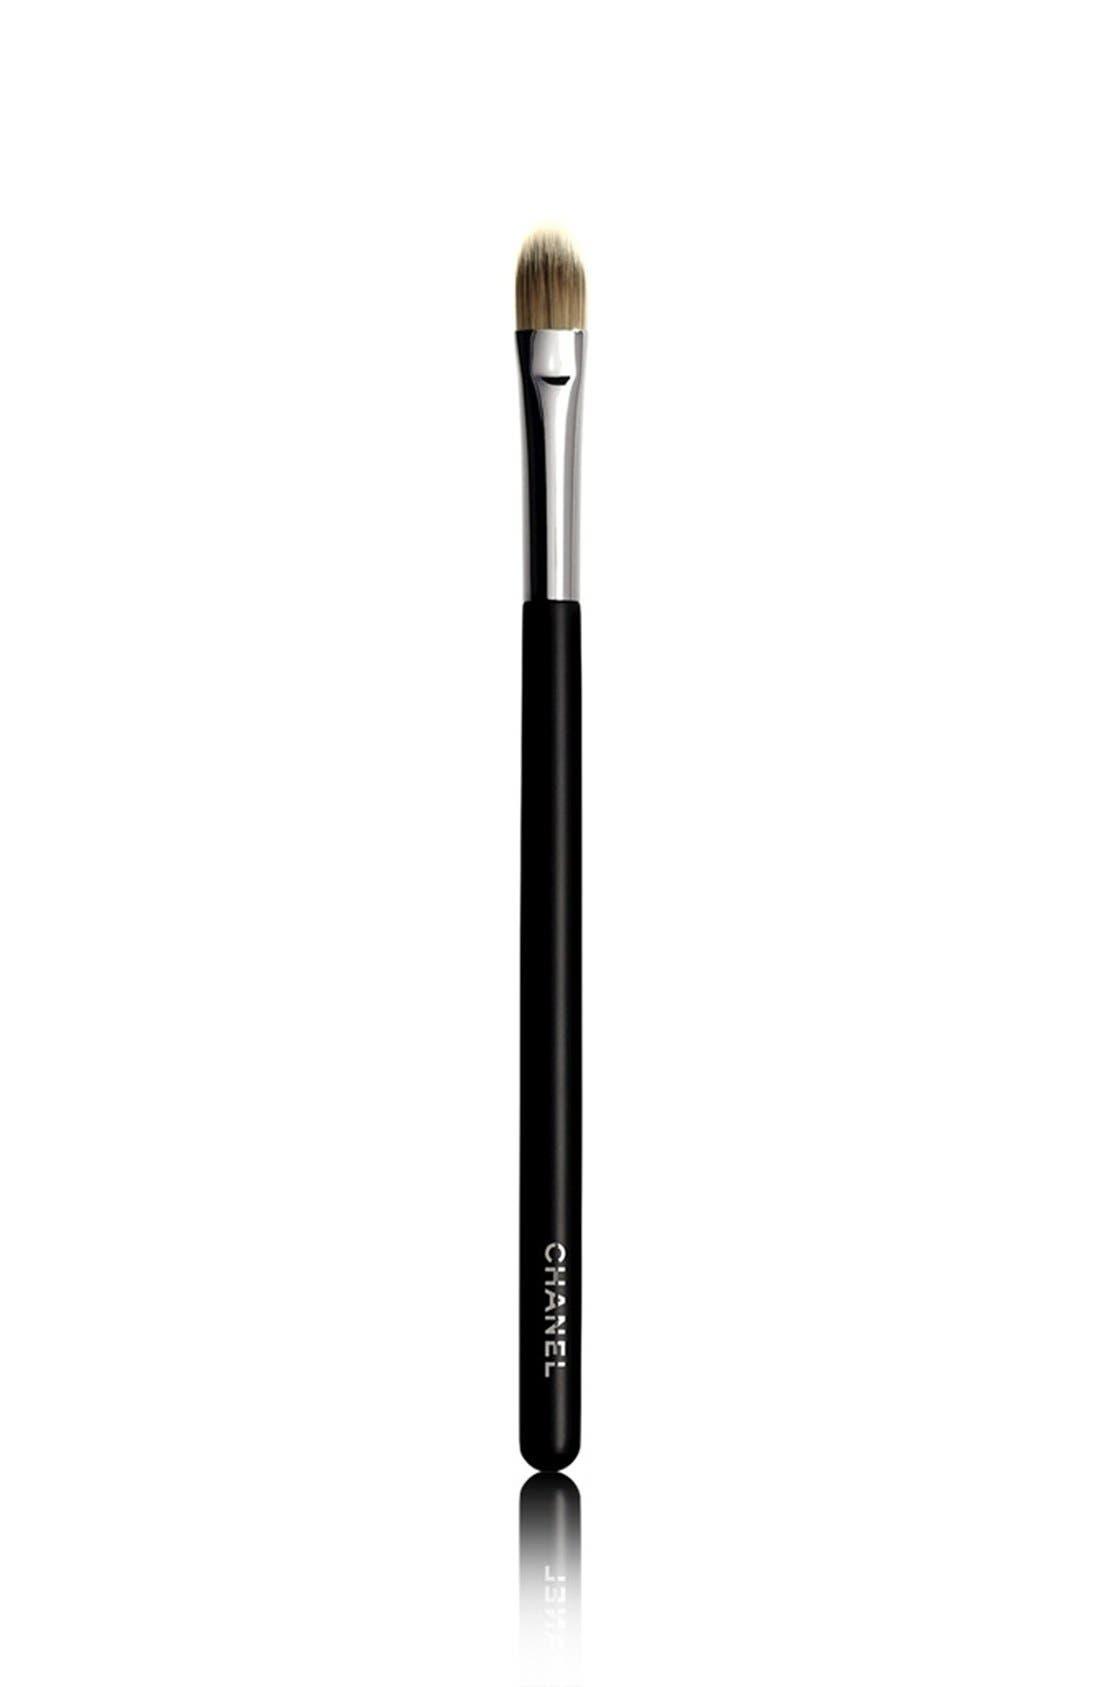 PINCEAU CORRECTEUR<br />Concealer Brush #10,                             Main thumbnail 1, color,                             000